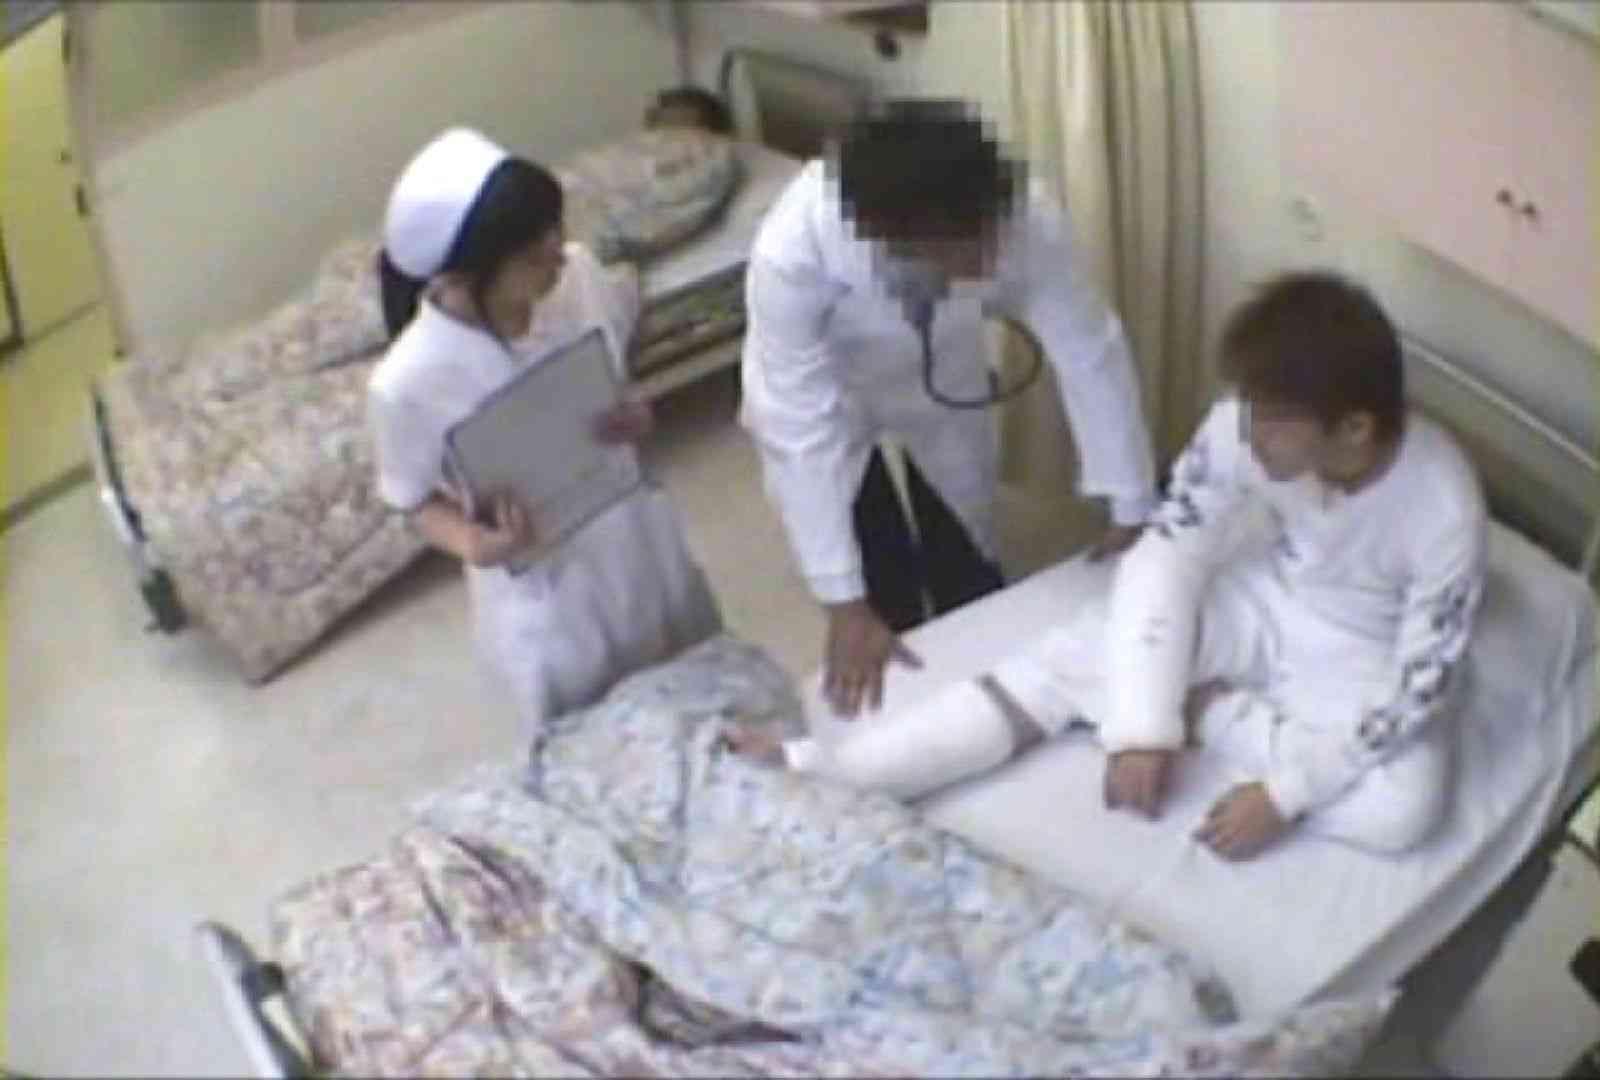 絶対に逝ってはいけない寸止め病棟Vol.7 マンコ  99画像 45